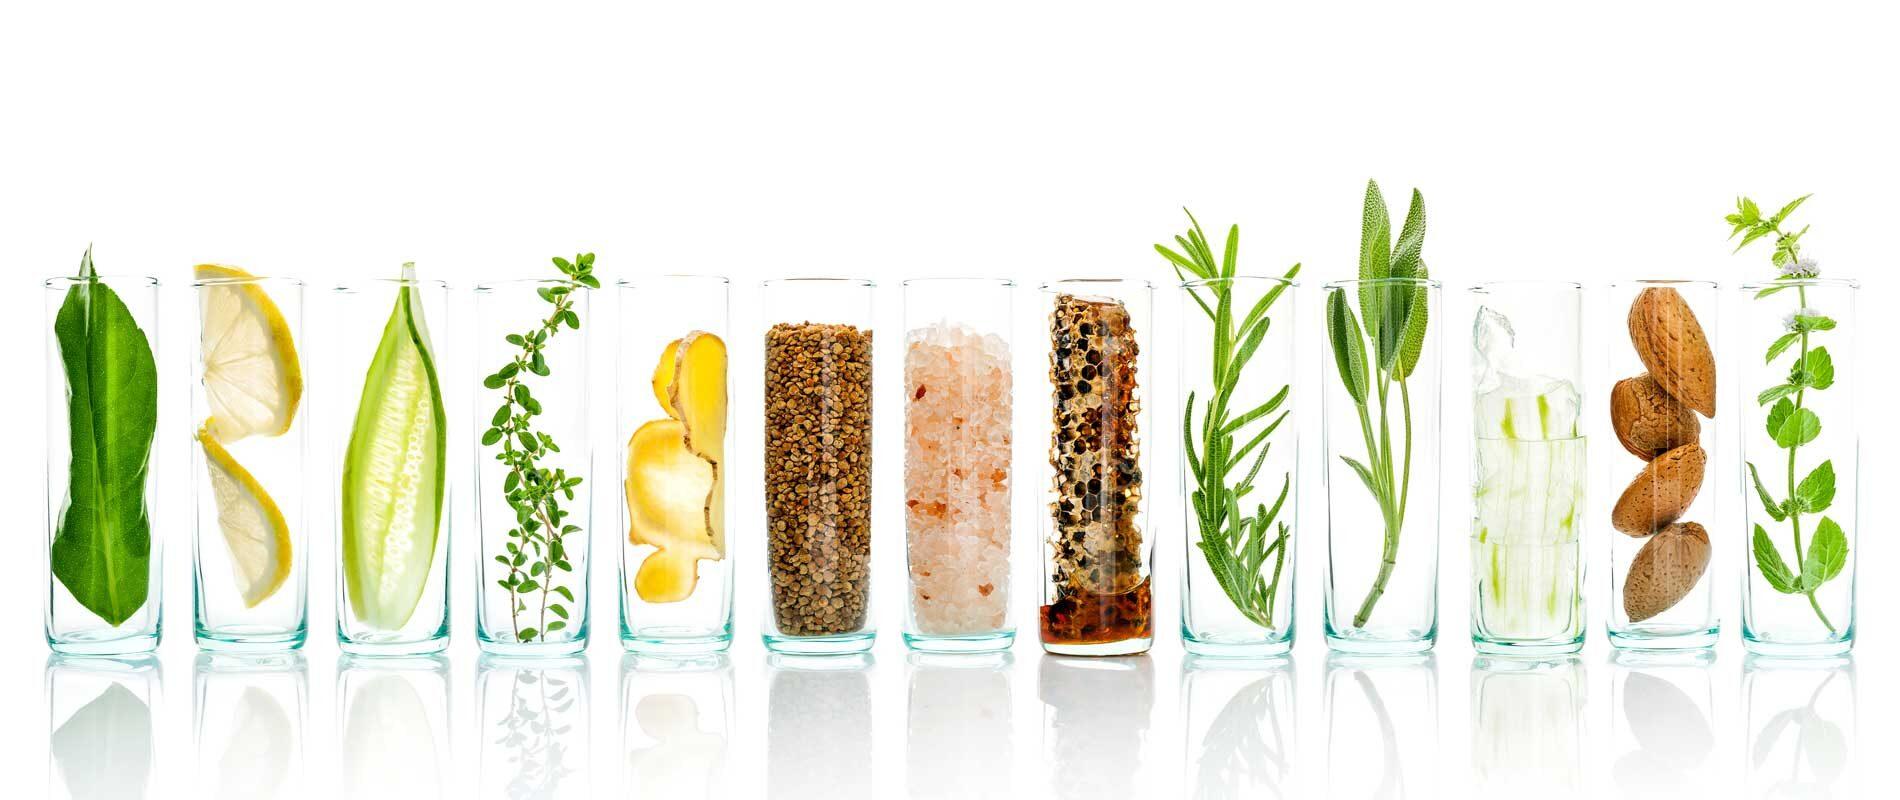 Ecodei - naturlig hud- och hårdvård